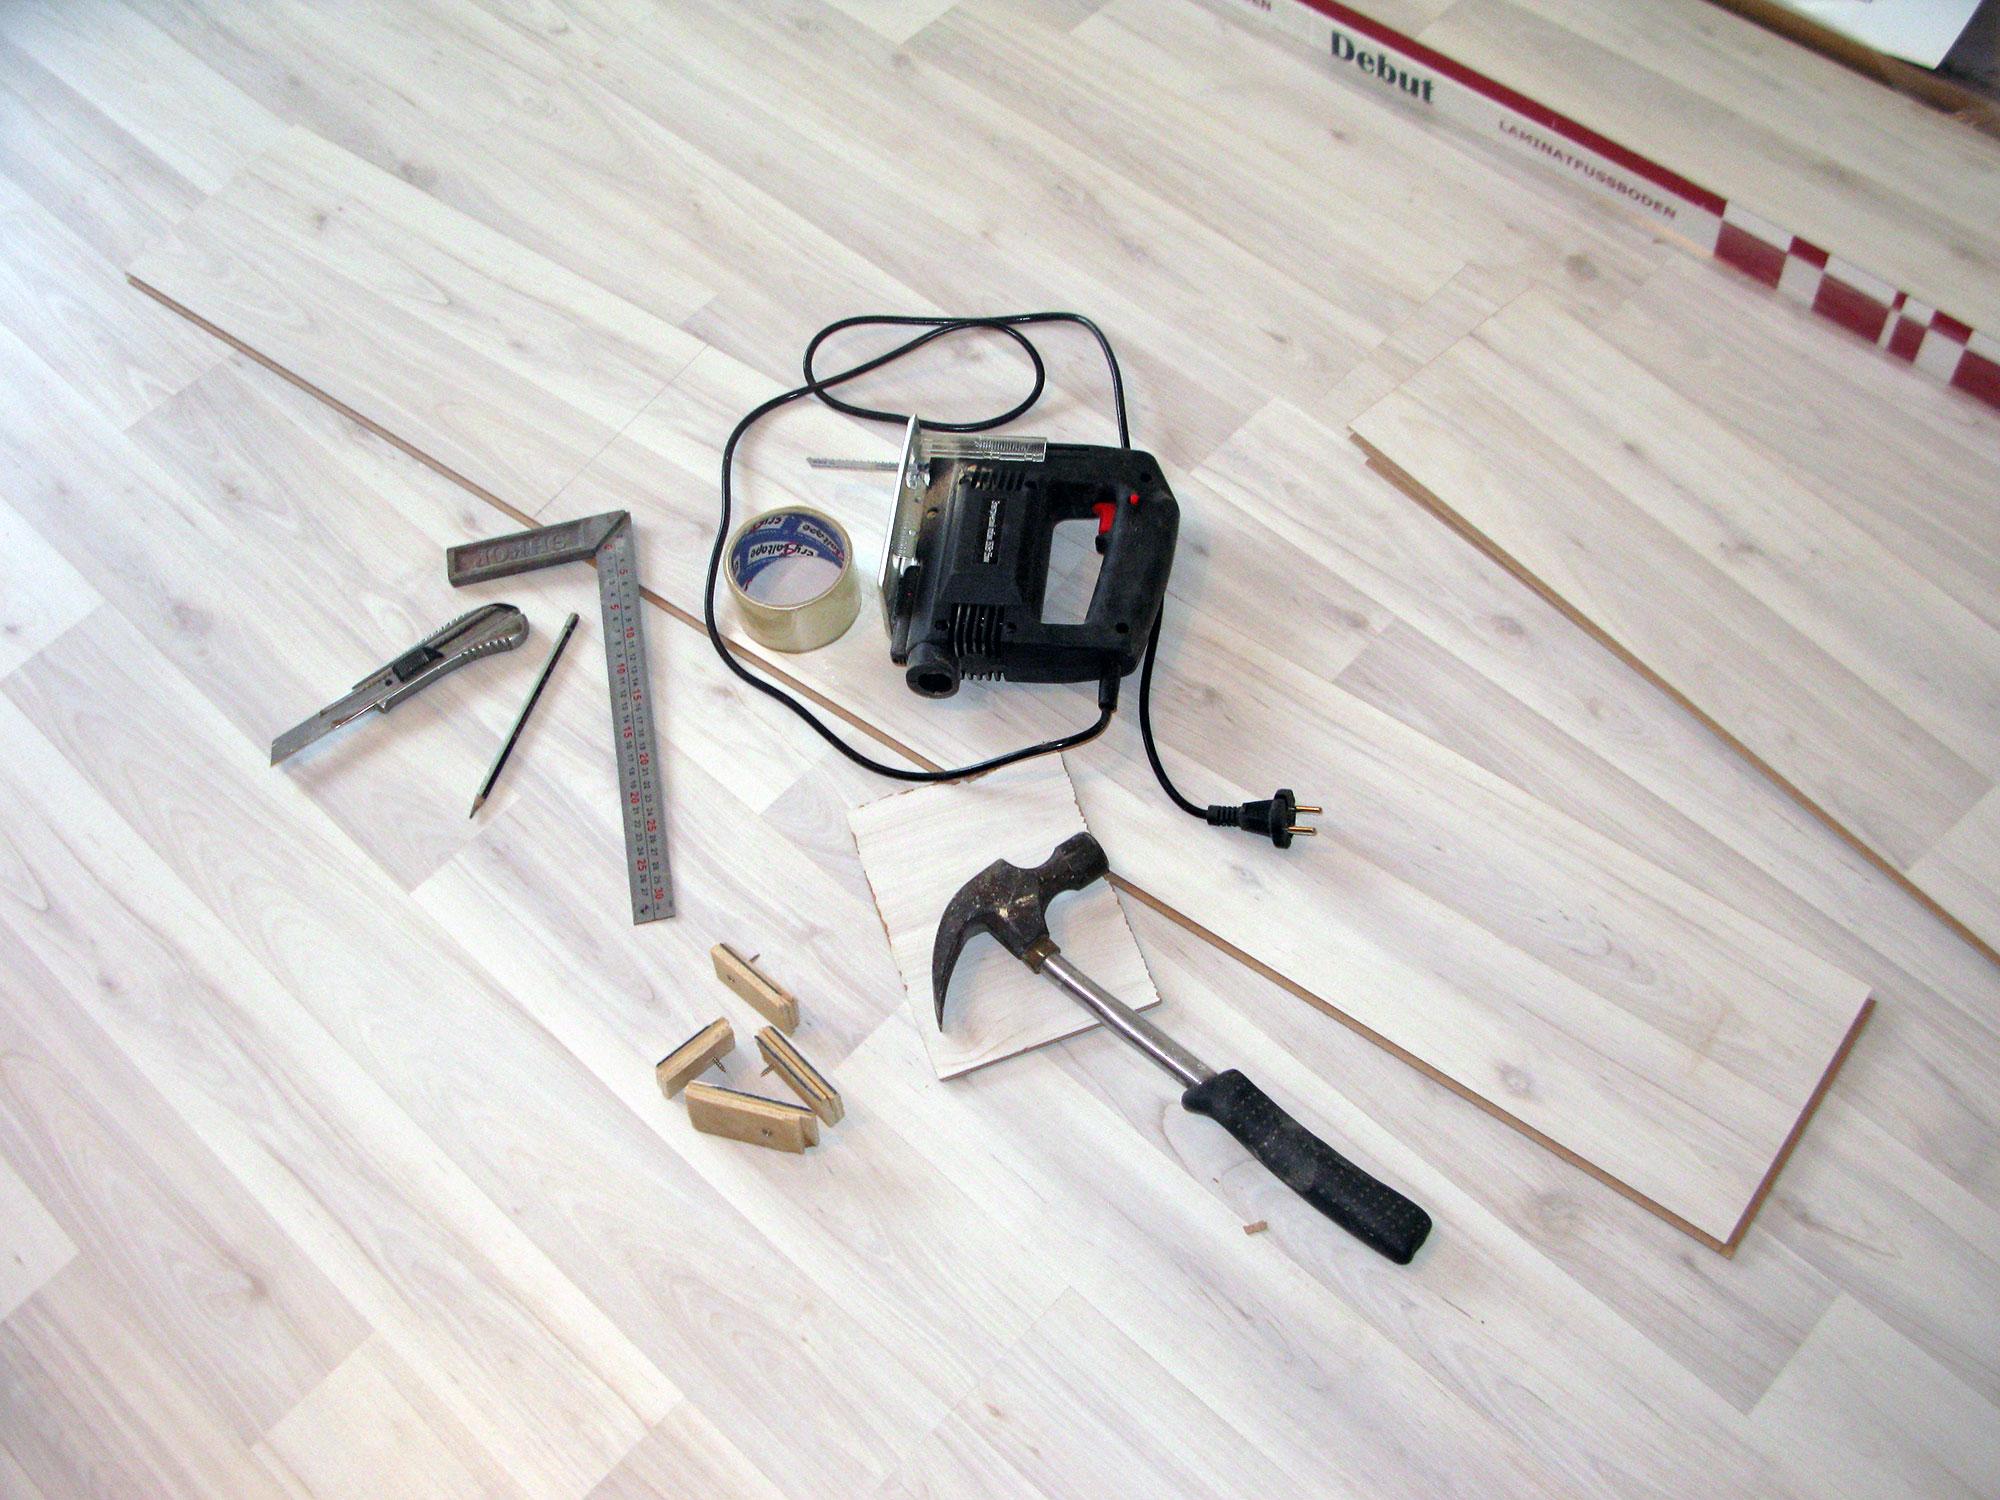 Фото: Используйте электрический лобзик для более быстрой подгонки